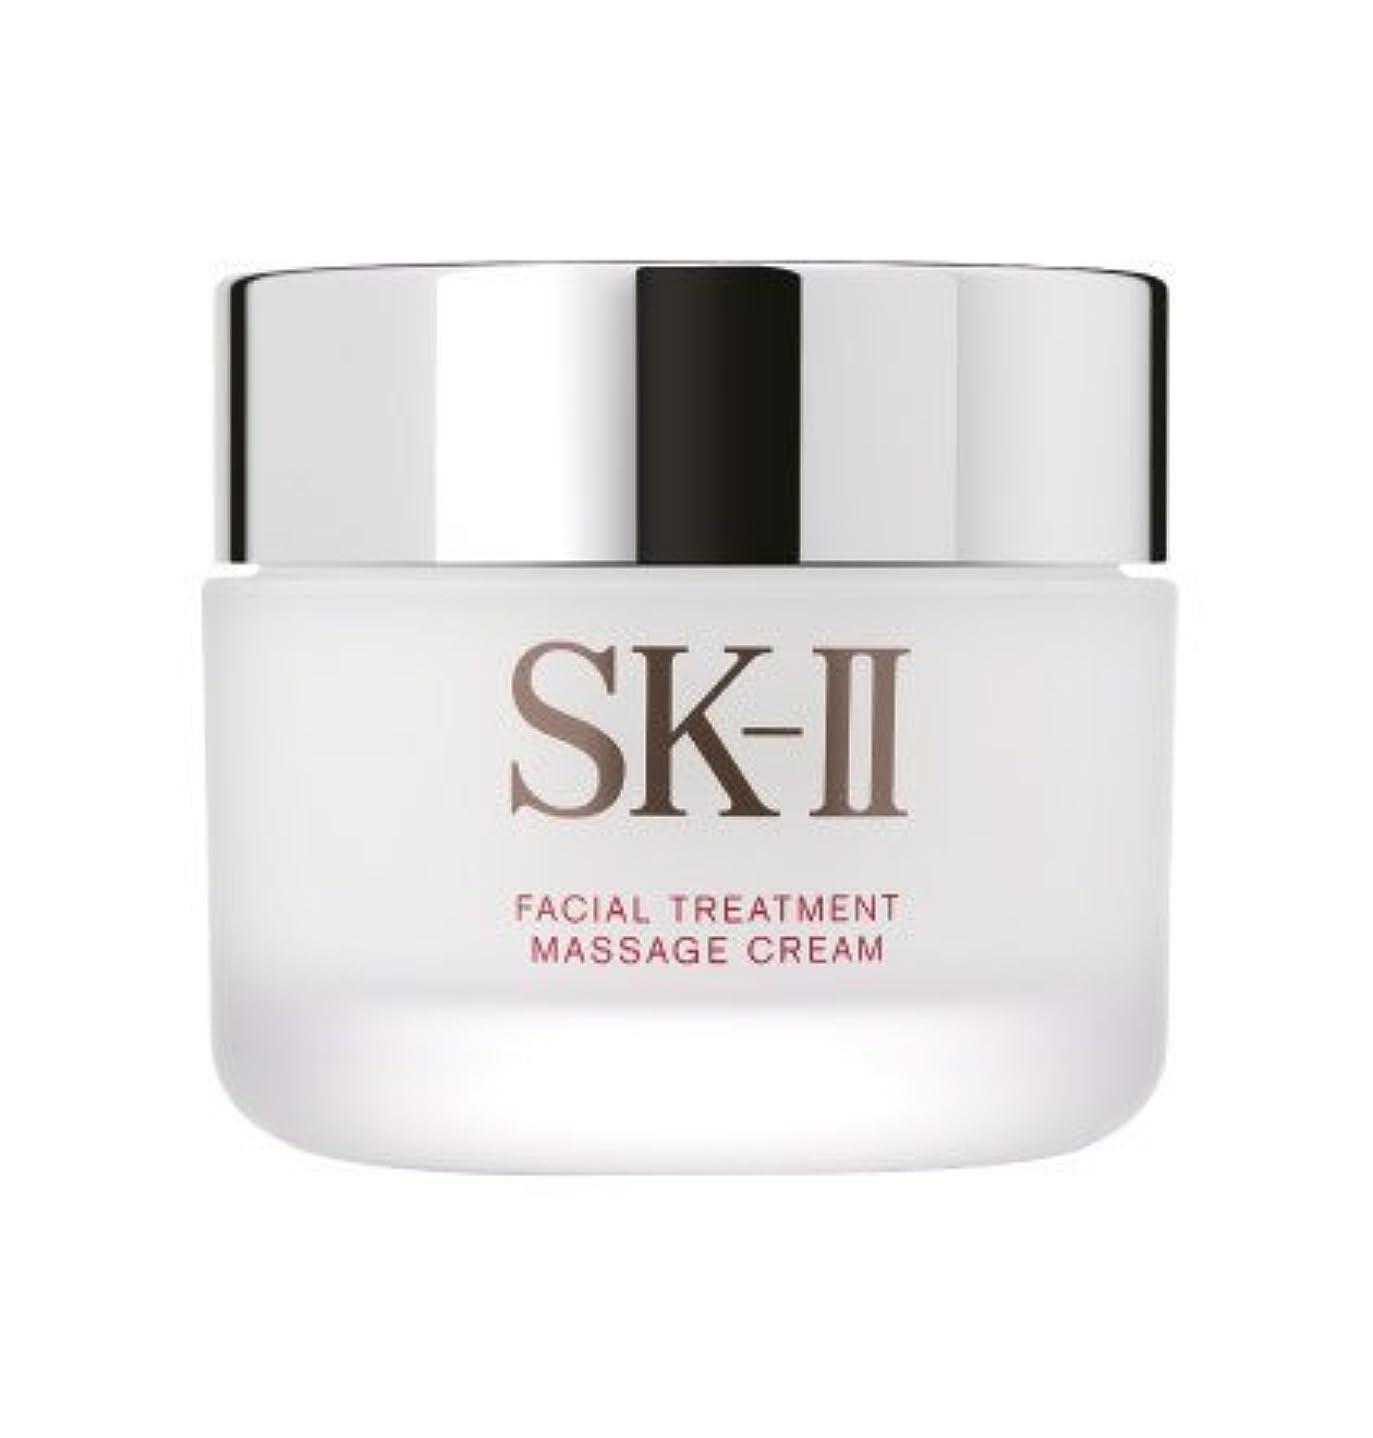 論争ベーリング海峡セブンSK-II フェイシャル トリートメント マッサージ クリーム 80g SK2 マックスファクター 化粧品 美容 クリーム